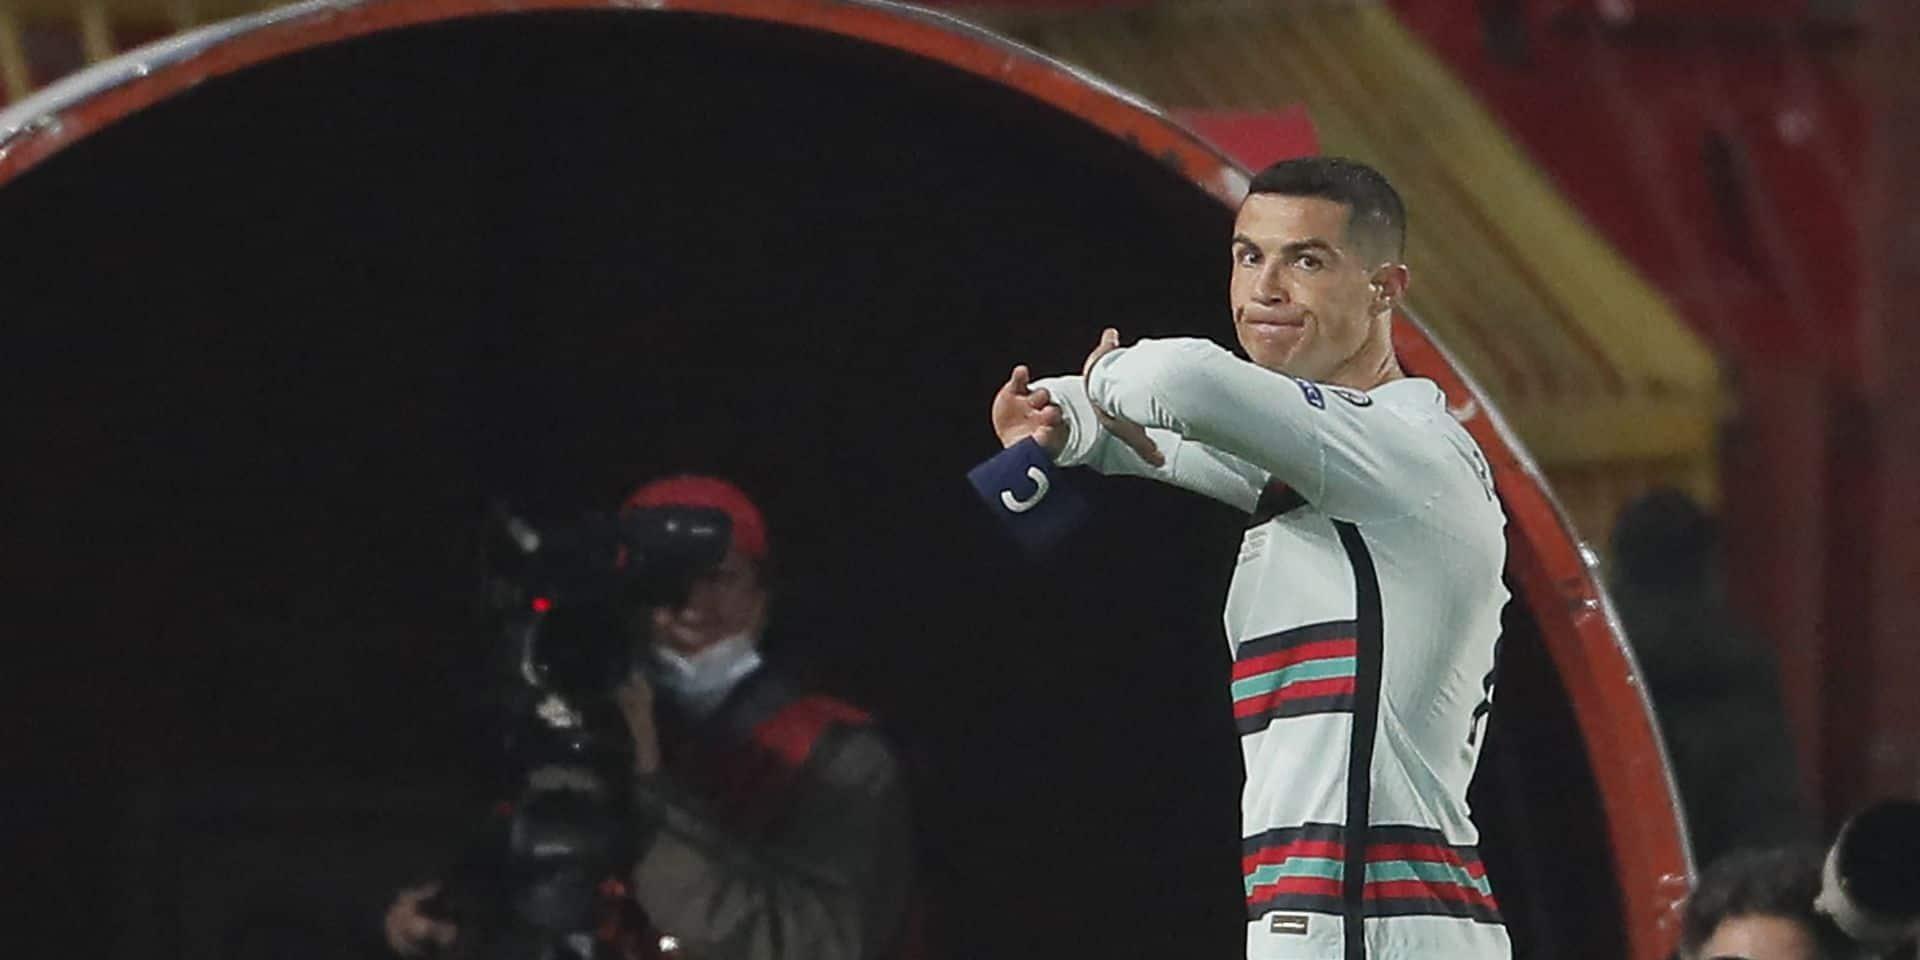 Le brassard que Ronaldo a jeté par colère vendu 64.000 euros pour aider un enfant malade